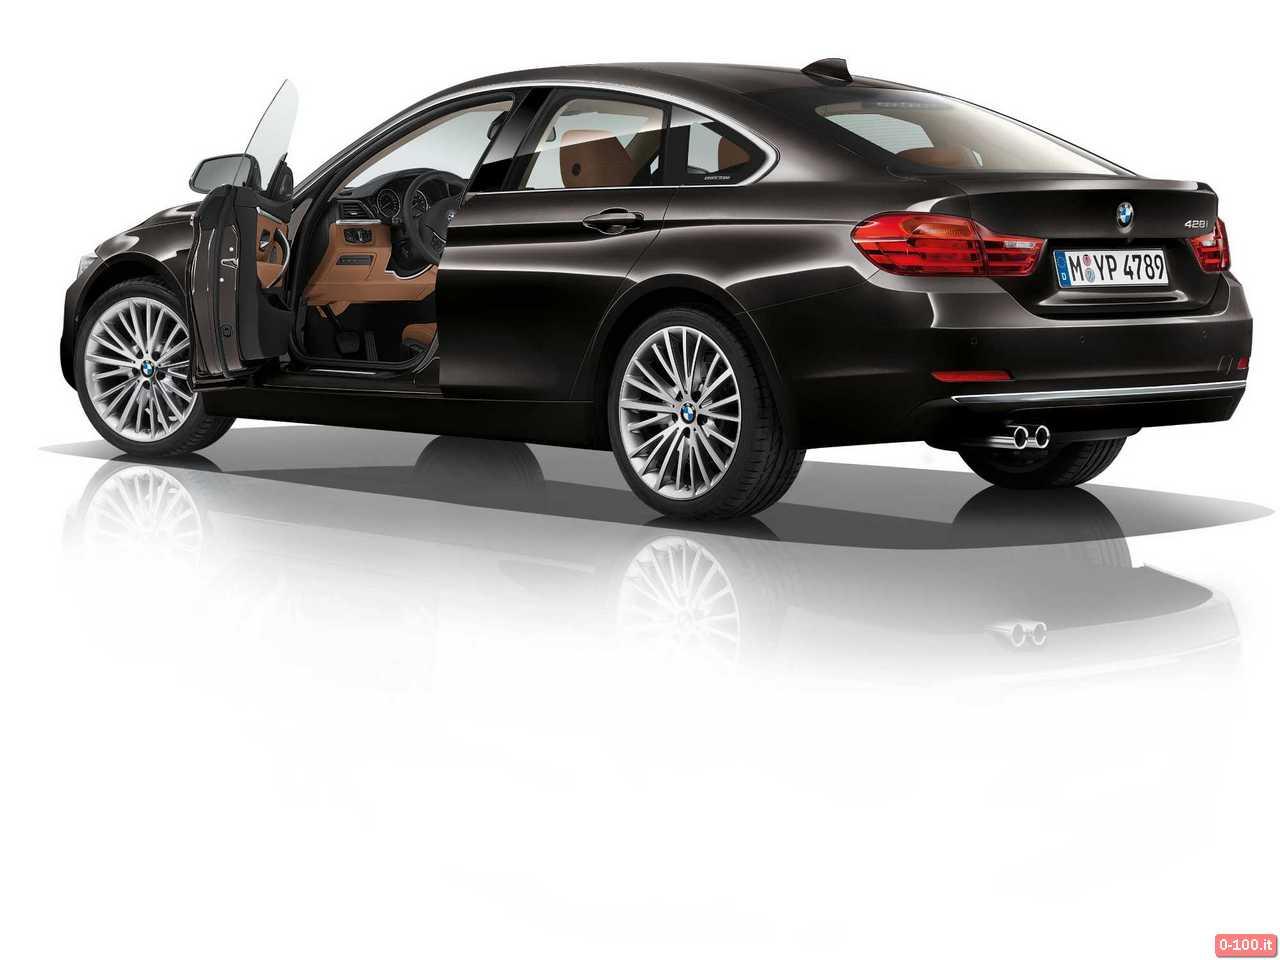 bmw-serie-4-gran-coupe-prezzo-price-ginevra-geneve-2014-0-100_79